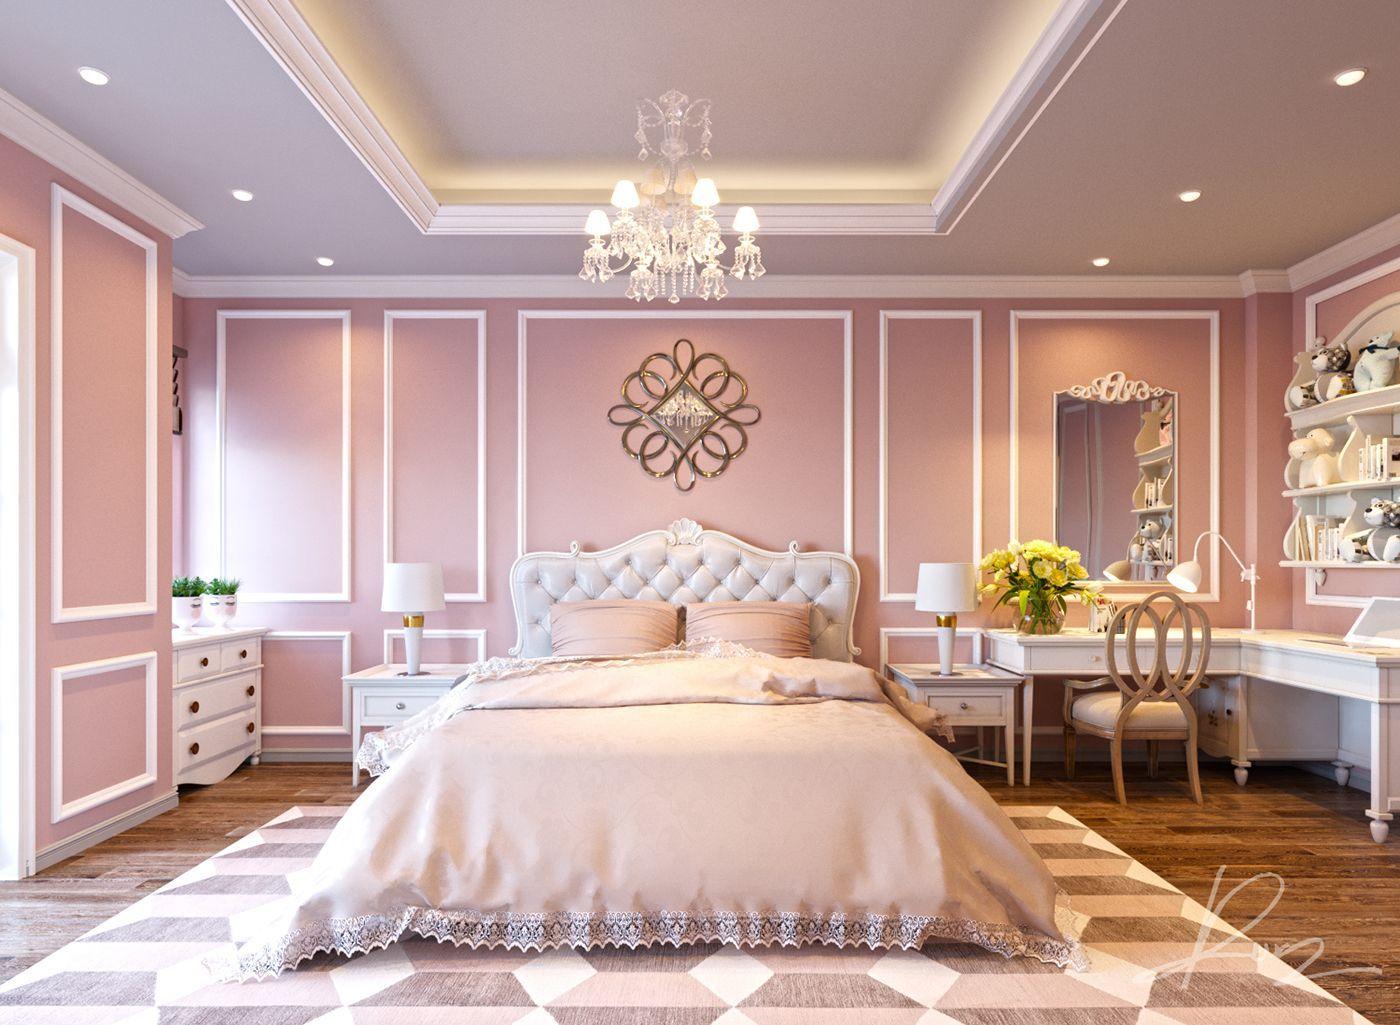 Dekor Aod Schlafzimmer Luxurious Bedrooms Luxury Bedroom Master Classic Bedroom